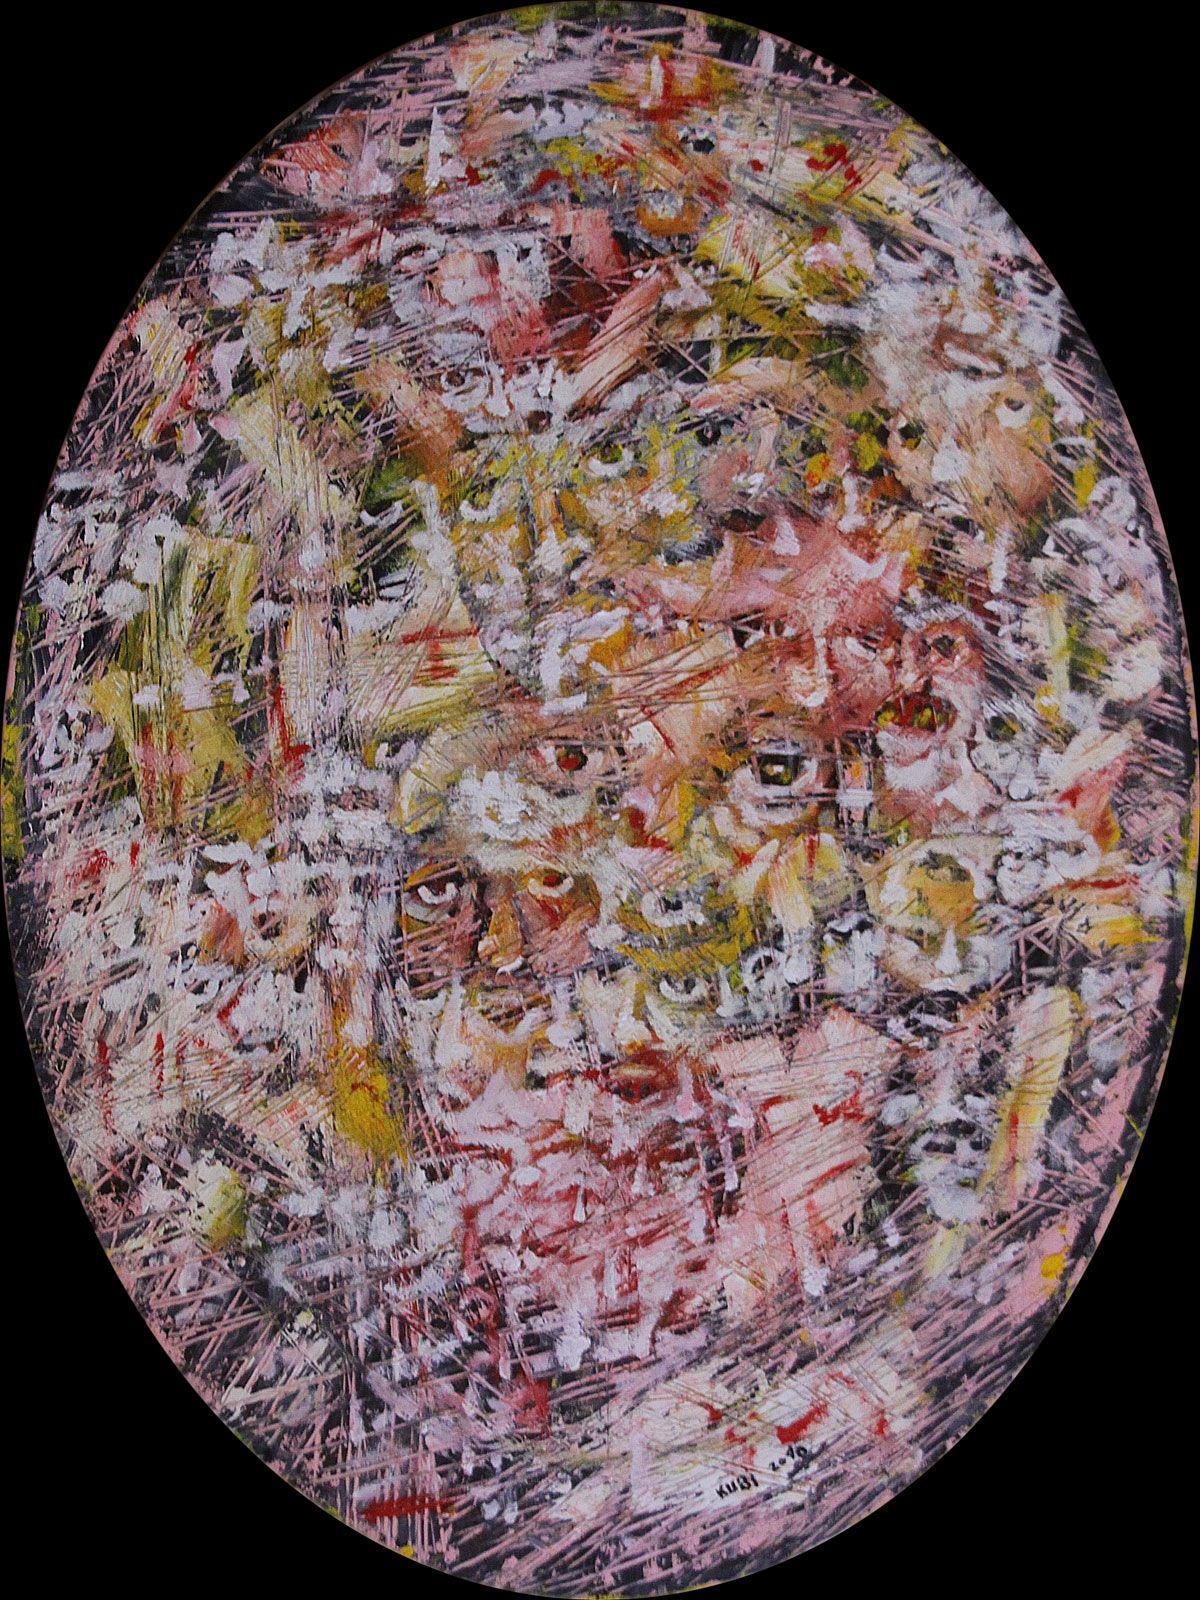 UALALLA - EINE TRANSLITERATION  Öl auf Leinwand  2010  60x80cm oval  von Stefan Kubicka  www.stefankubicka.at